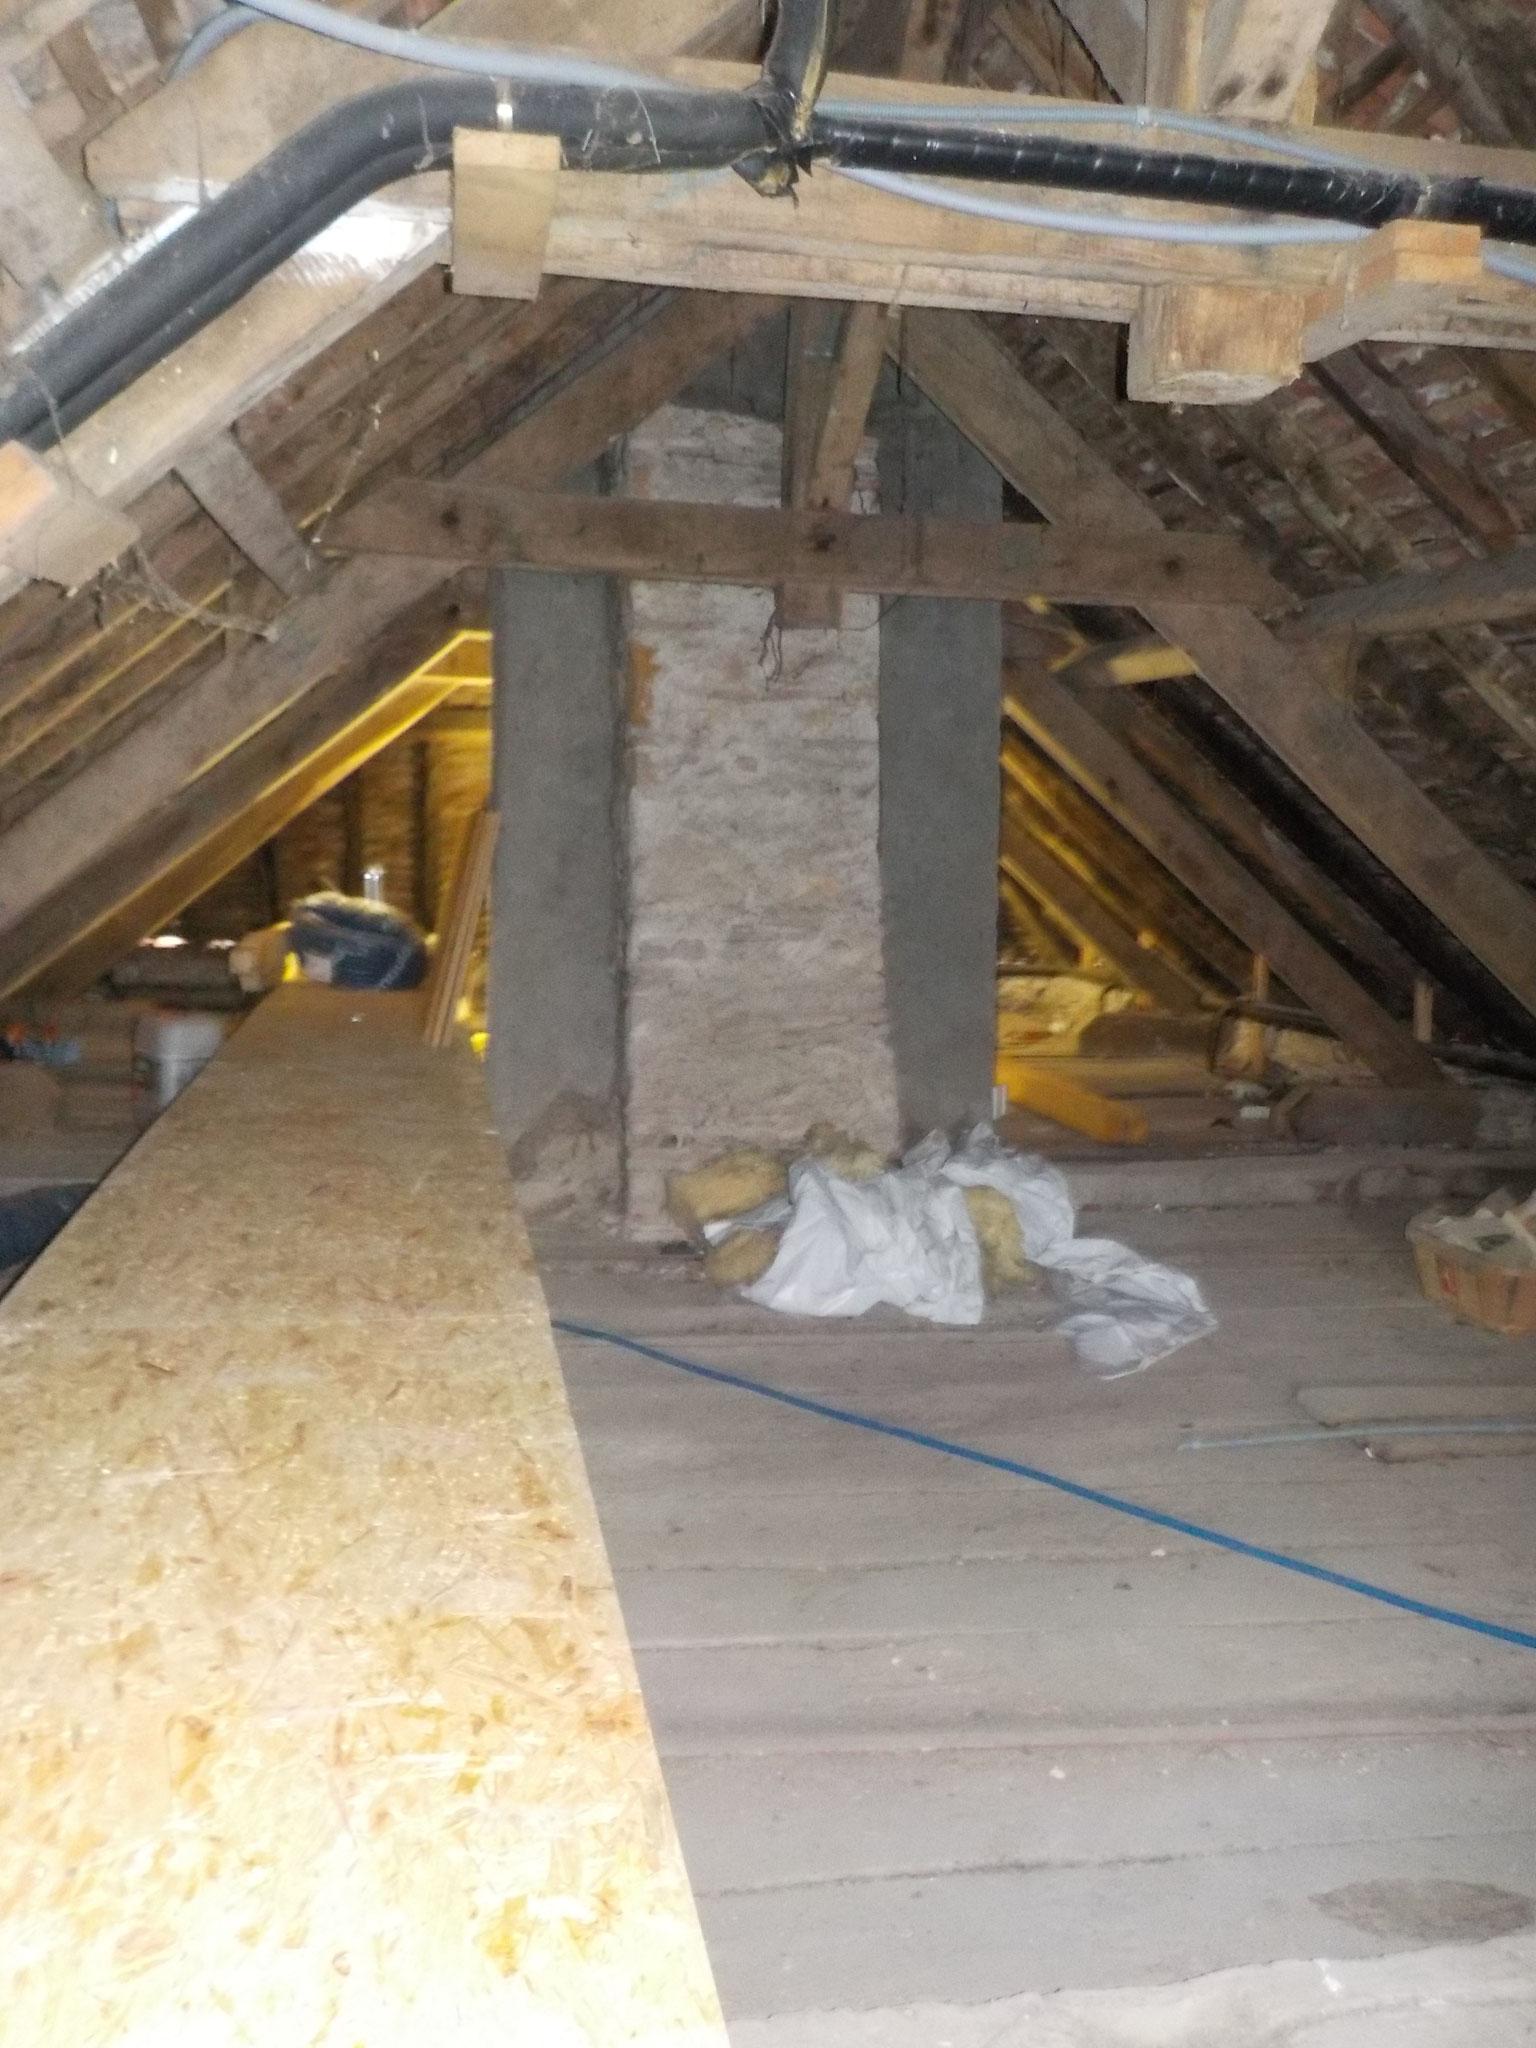 après restauration de la toiture - pose d'une passerelle d'accès pour entretien dans les combles